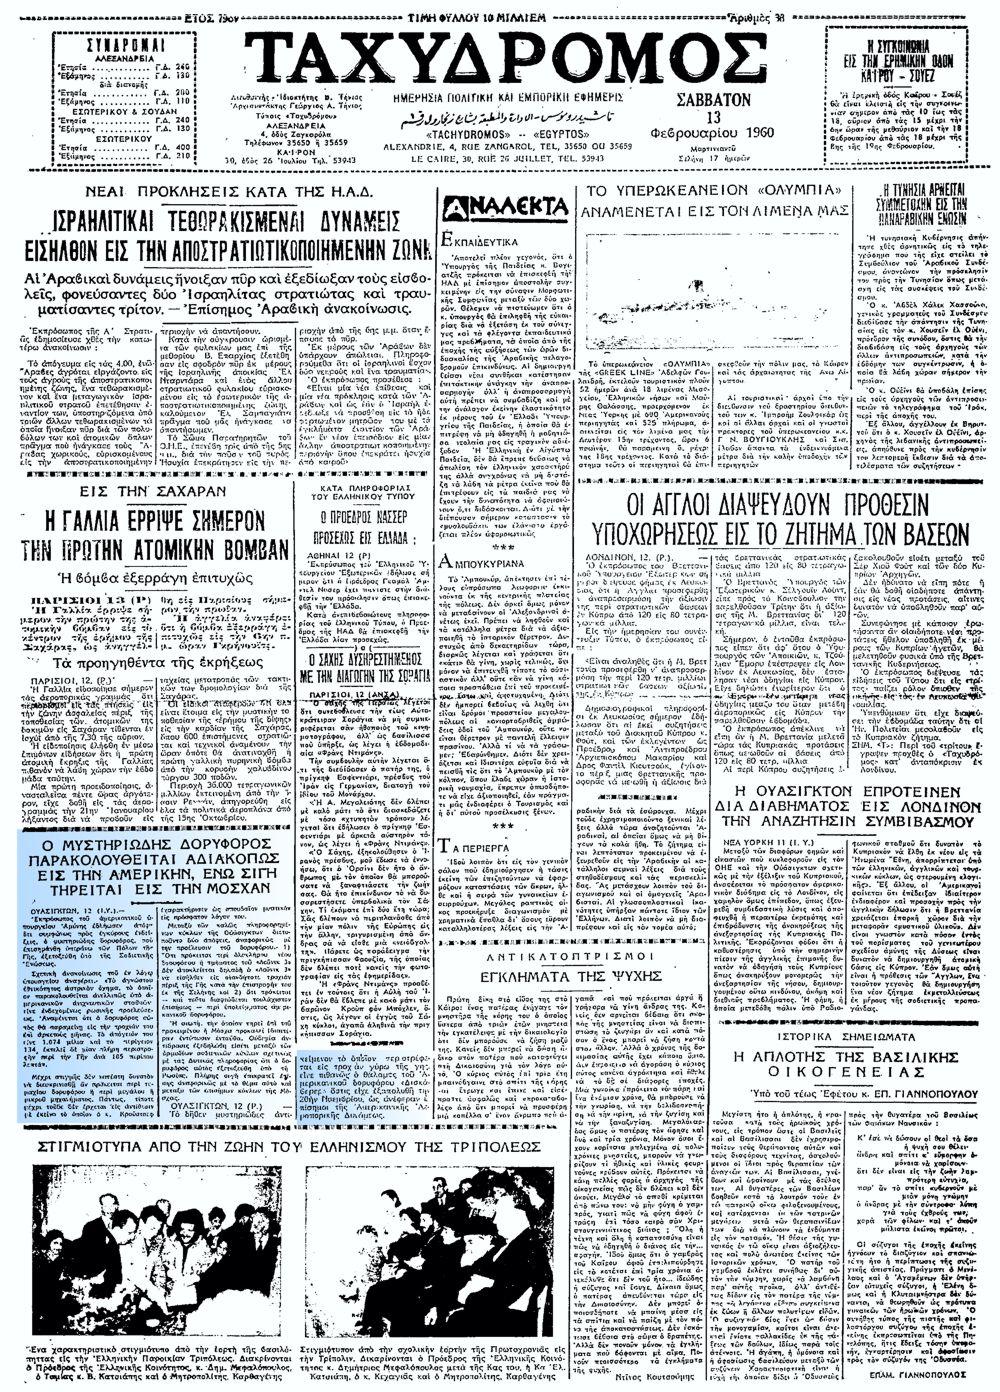 """Το άρθρο, όπως δημοσιεύθηκε στην εφημερίδα """"ΤΑΧΥΔΡΟΜΟΣ"""", στις 13/02/1960"""